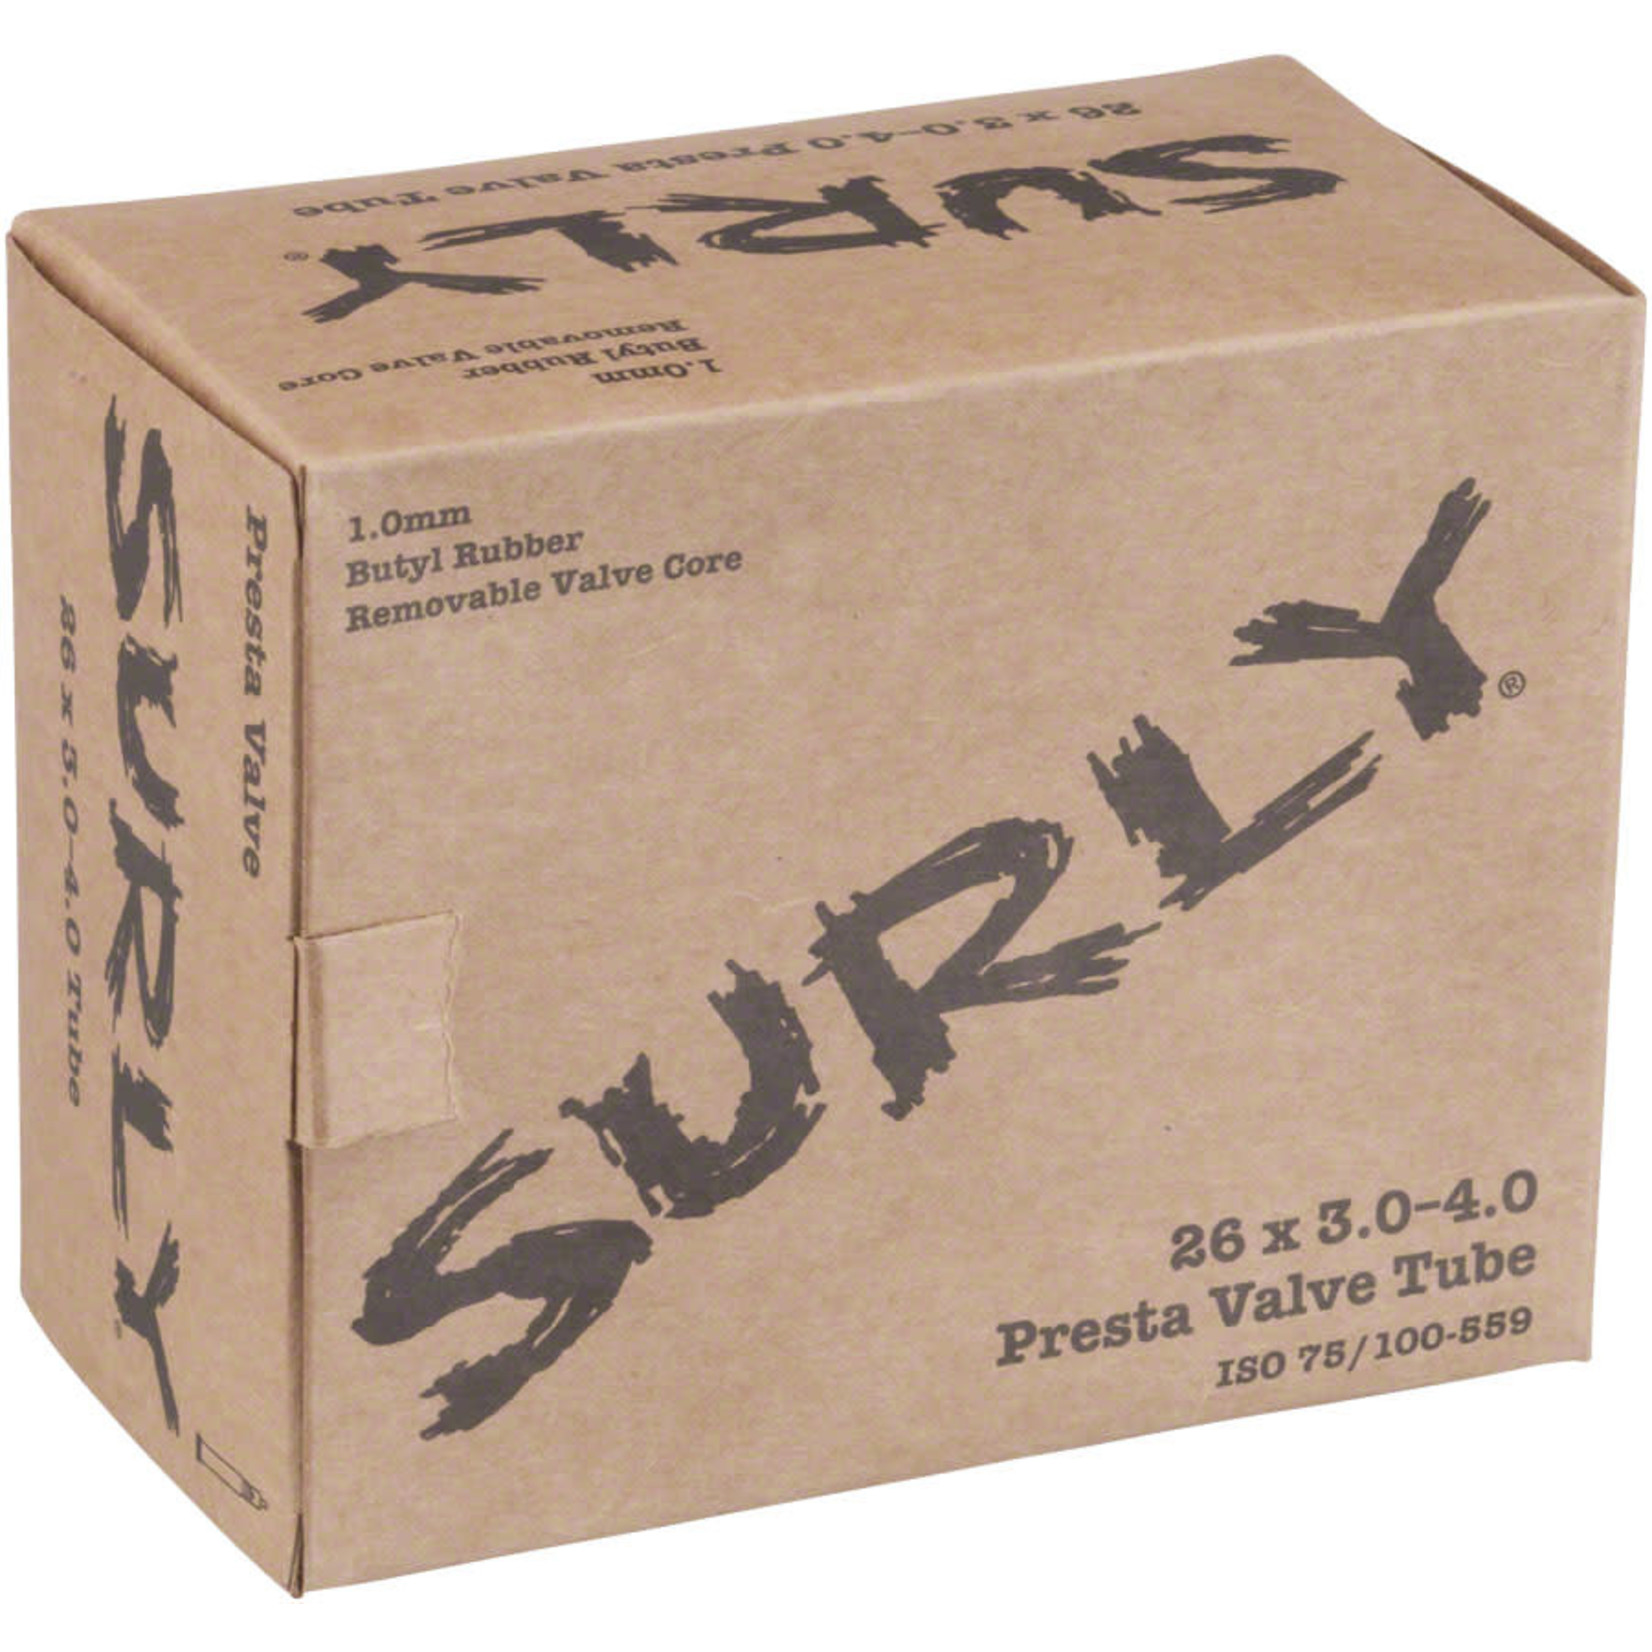 """Surly Surly Fat Bike Tube 26 x 3.0-4.0"""" Presta Valve"""